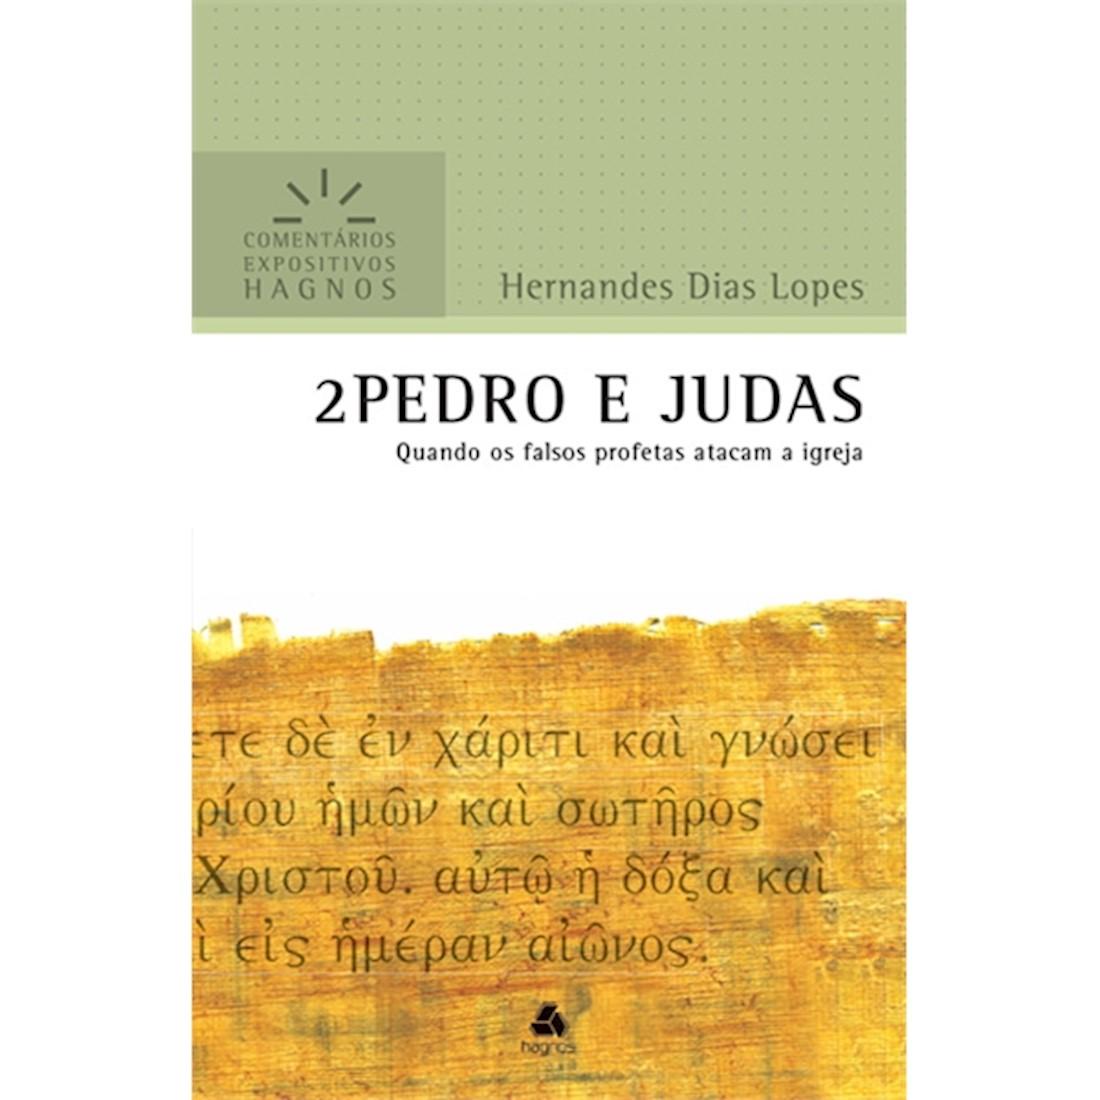 Livro 2 Pedro e Judas   Comentários Expositivos Hagnos